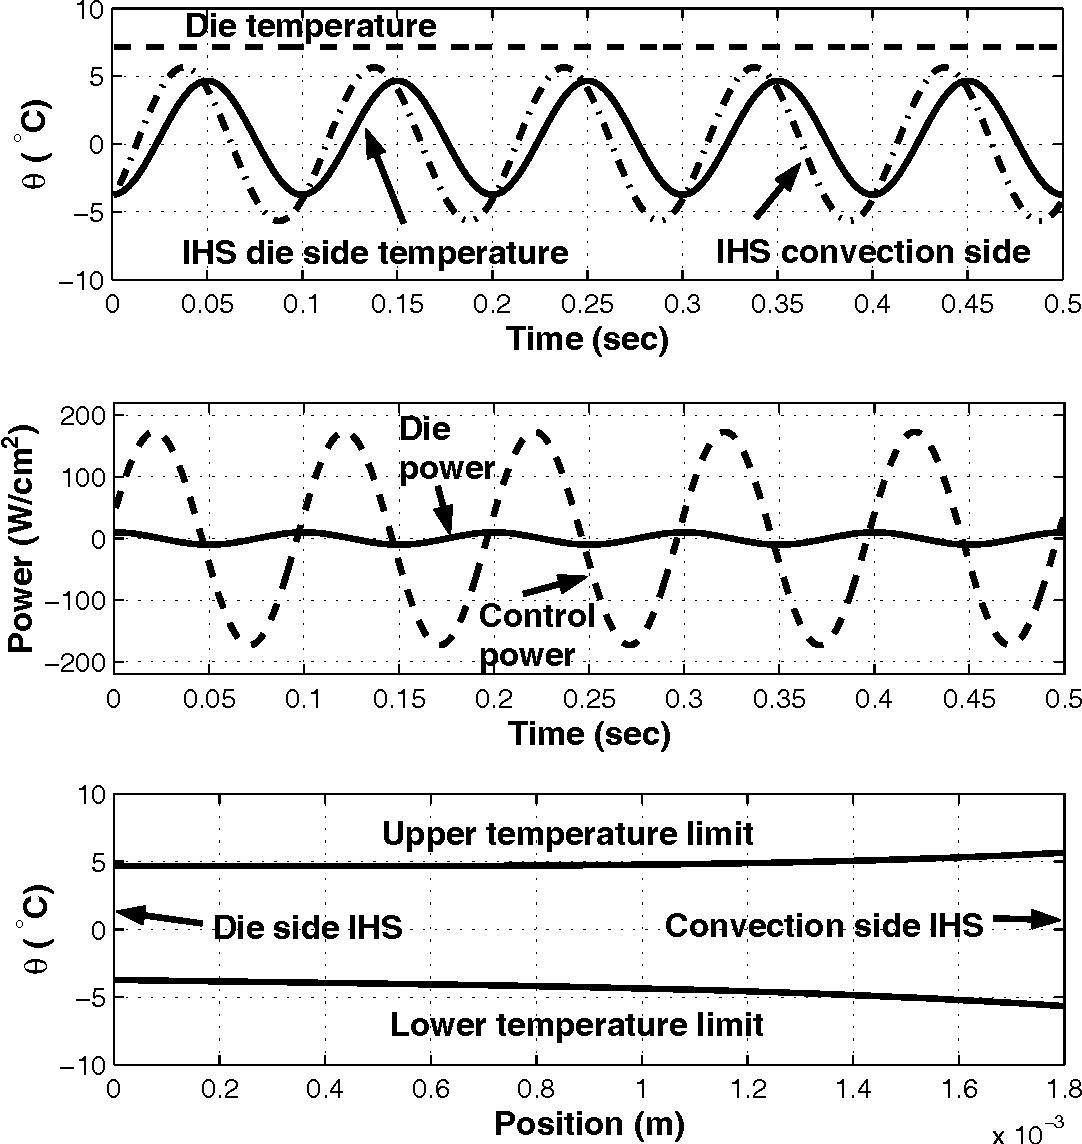 Figure 7: IHS temperature profile for ideal control of die temperatures.